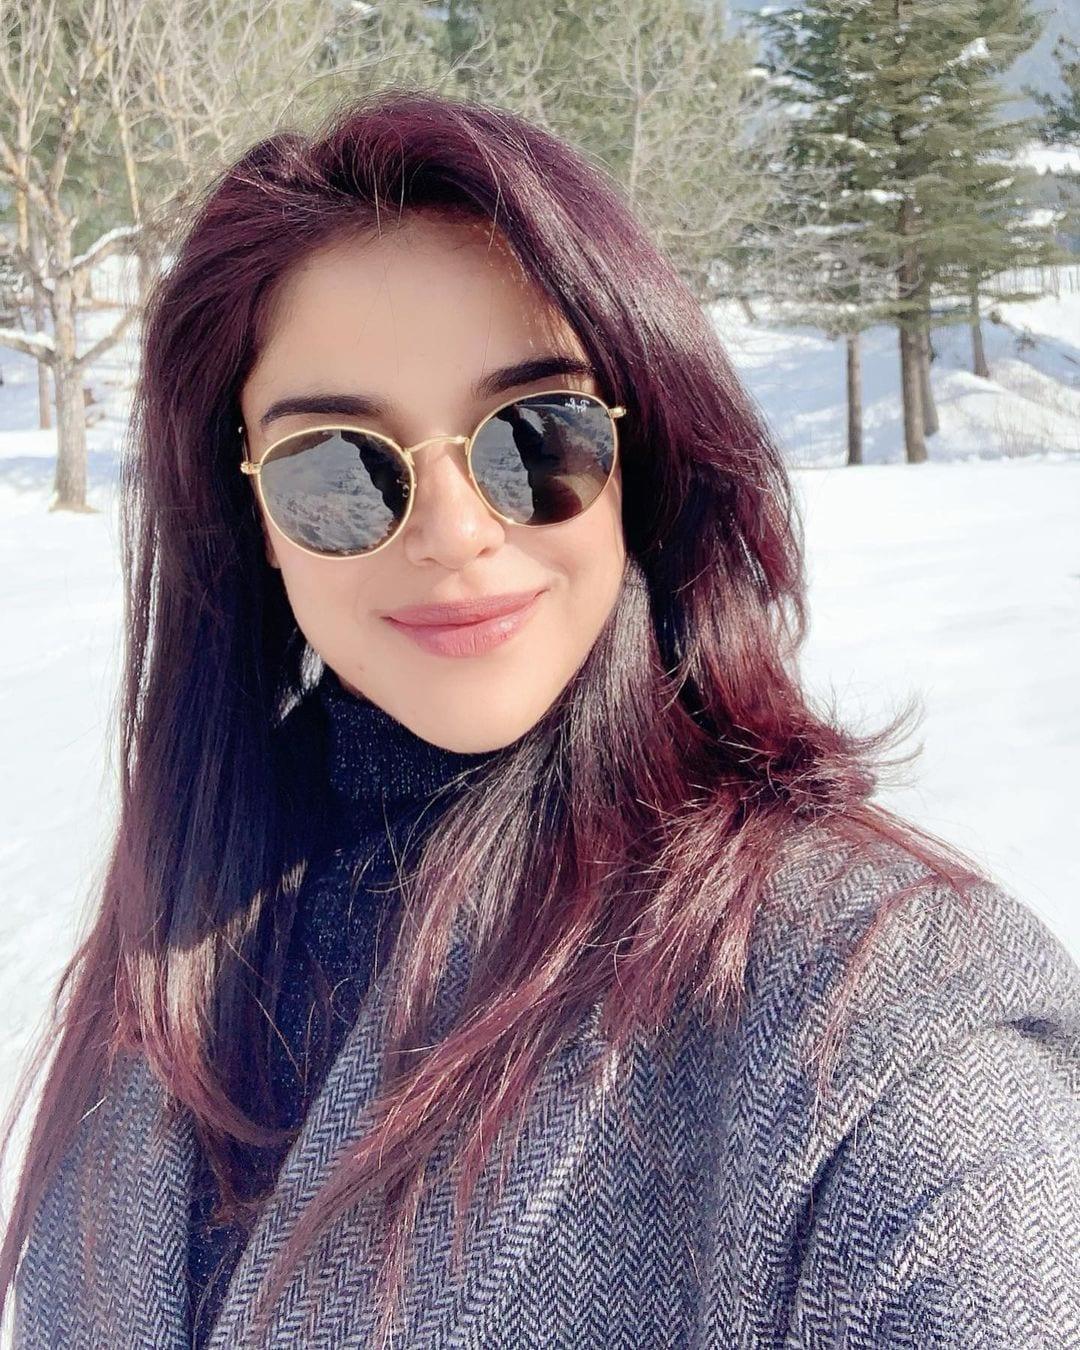 நடிகை பியா பாஜ்பாய் ( Image :Instagram @piabajpai)